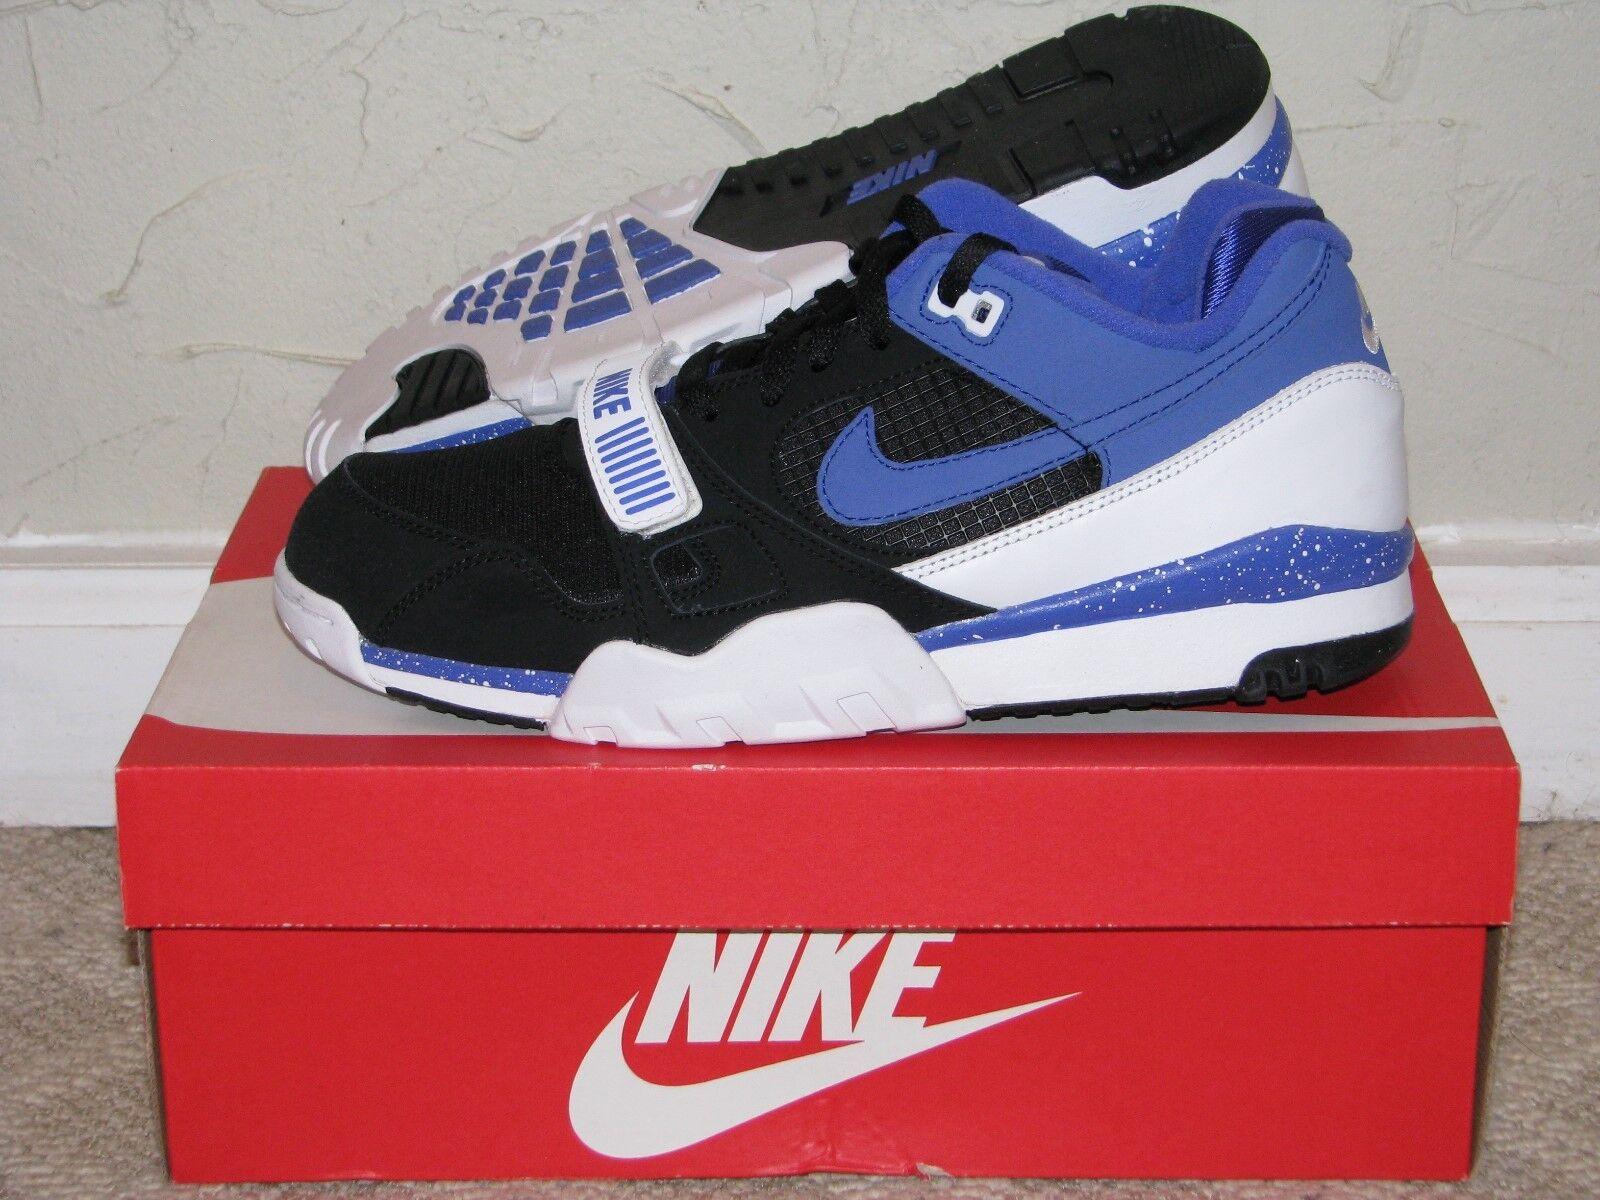 Nike air trainer 2 sonodiventate qs nero / persiano violet new!632193-001 Uomo taglia 10 s new!632193-001 violet c904fc